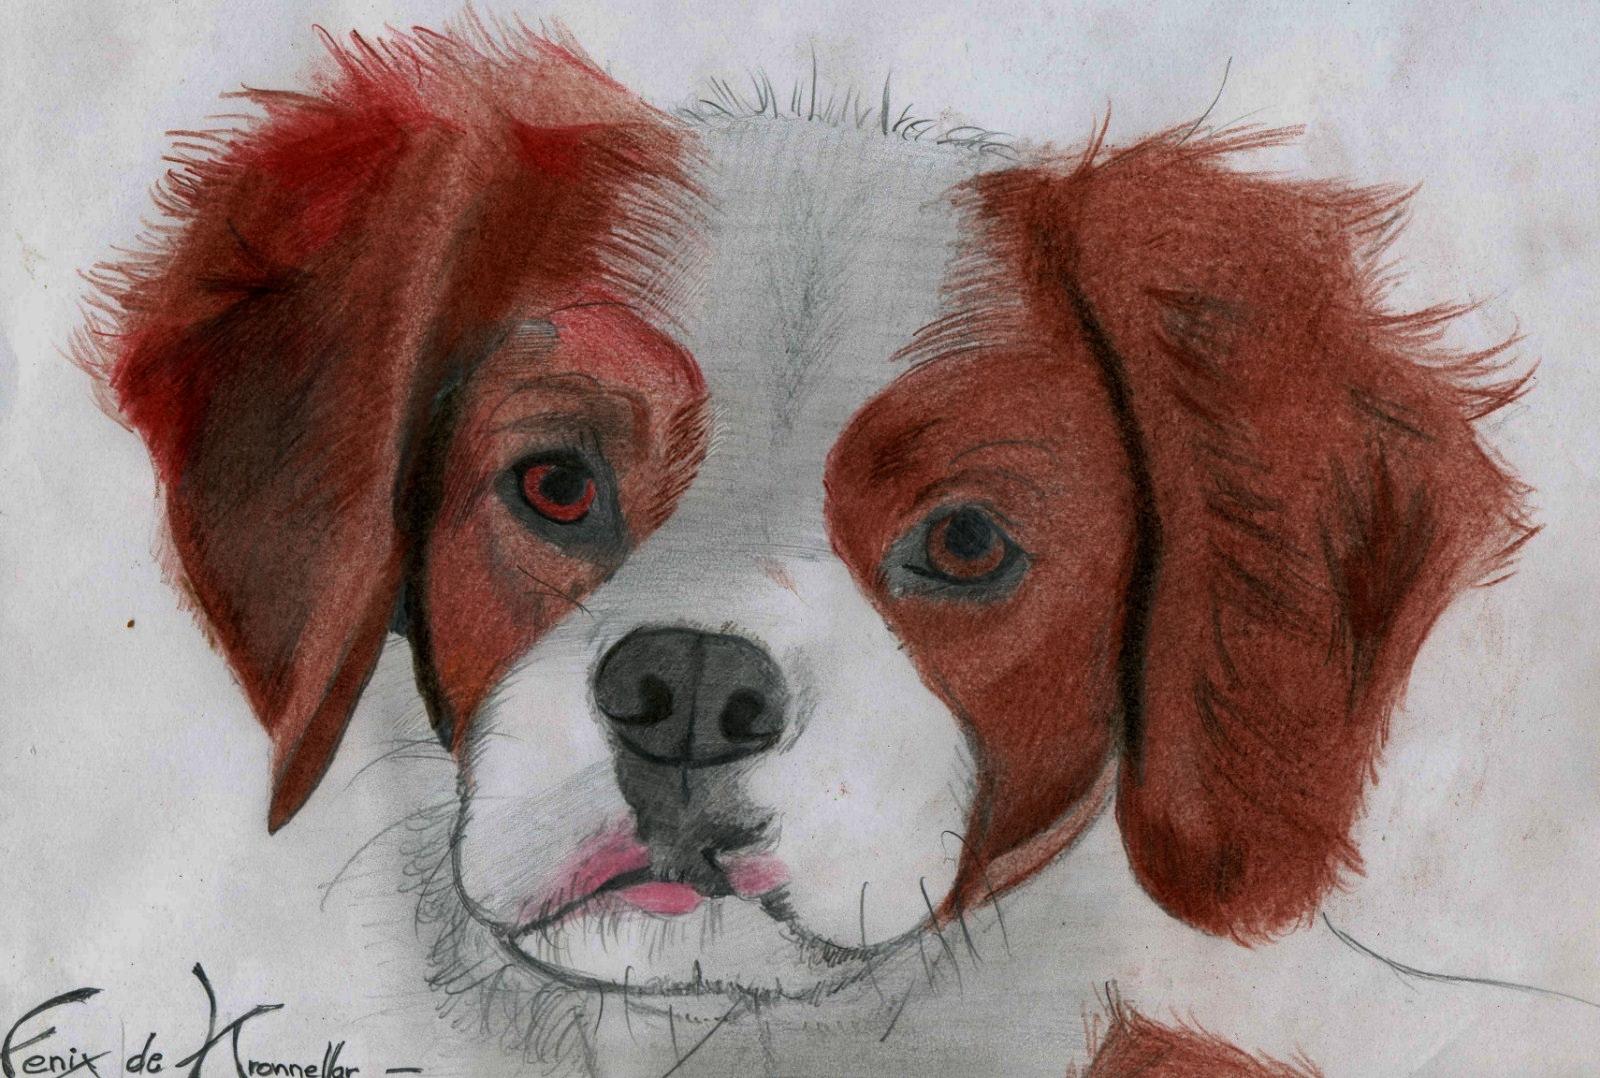 portrait de chien img030-1600x1200